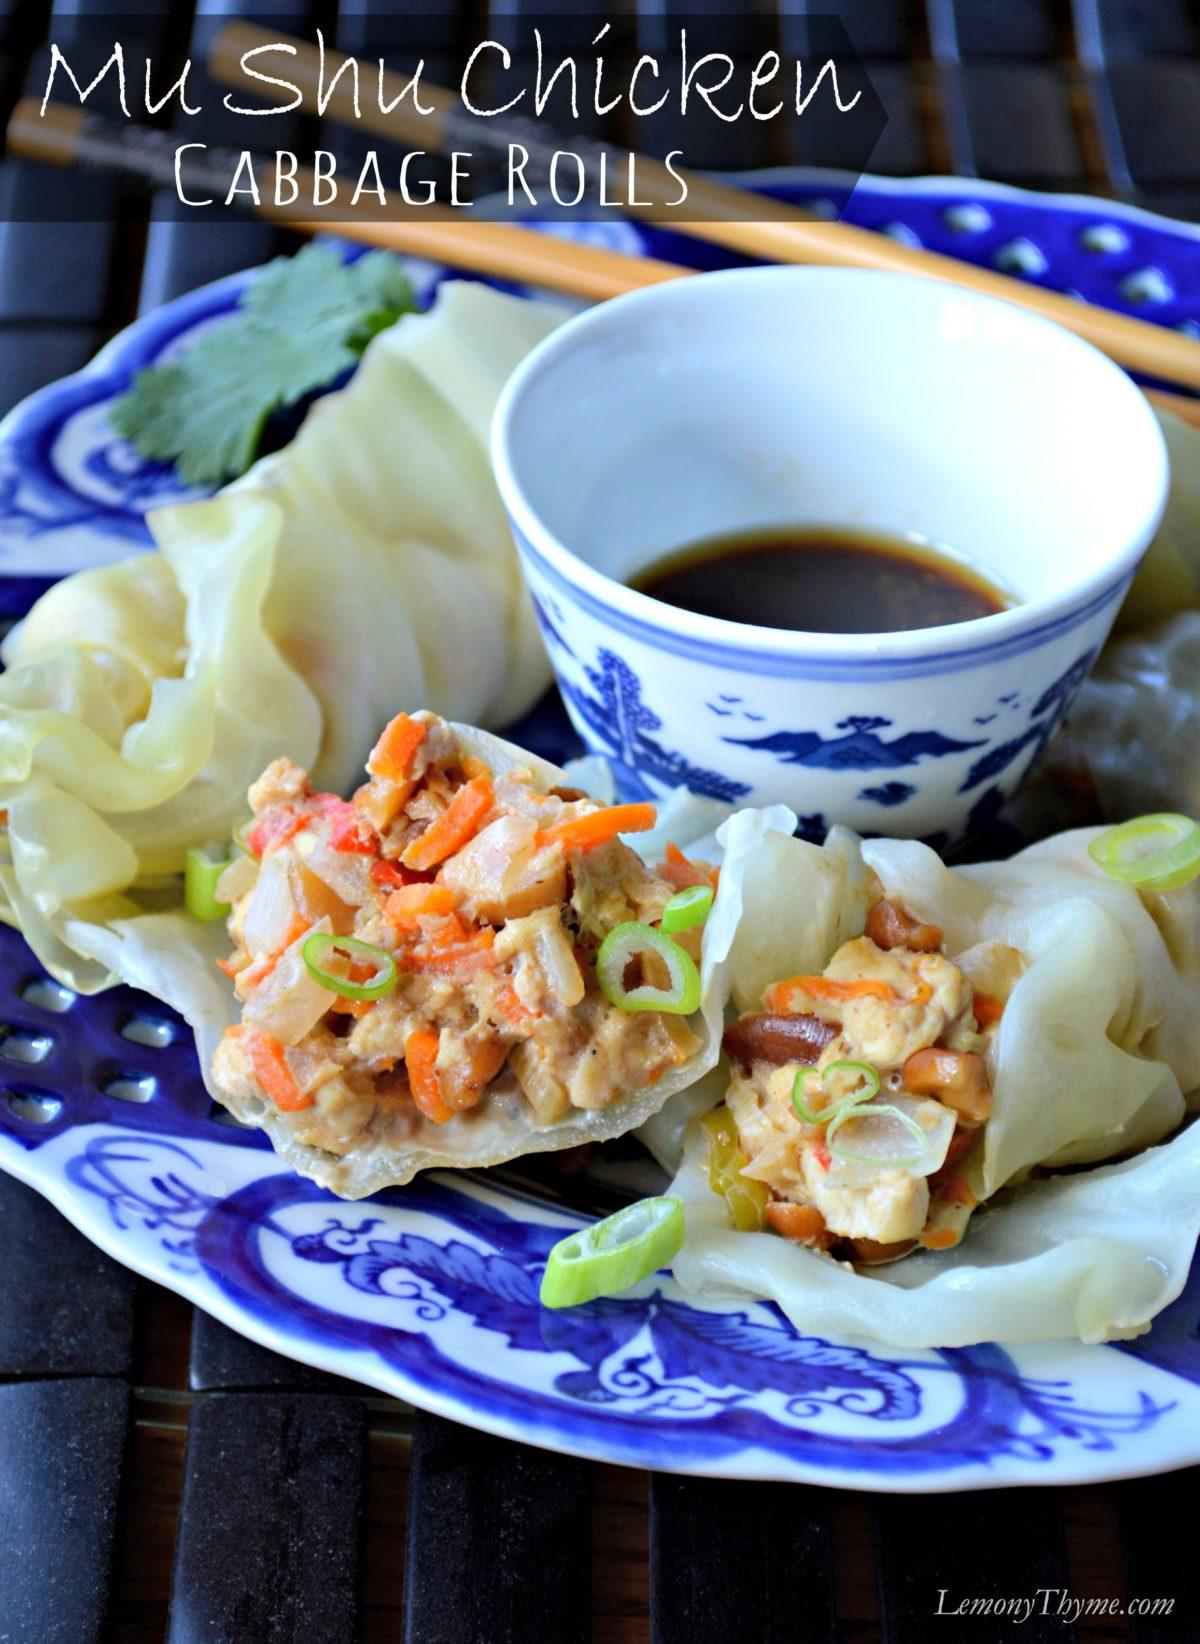 Mu Shu Chicken Cabbage Rolls | LemonyThyme.com Lemony Thyme